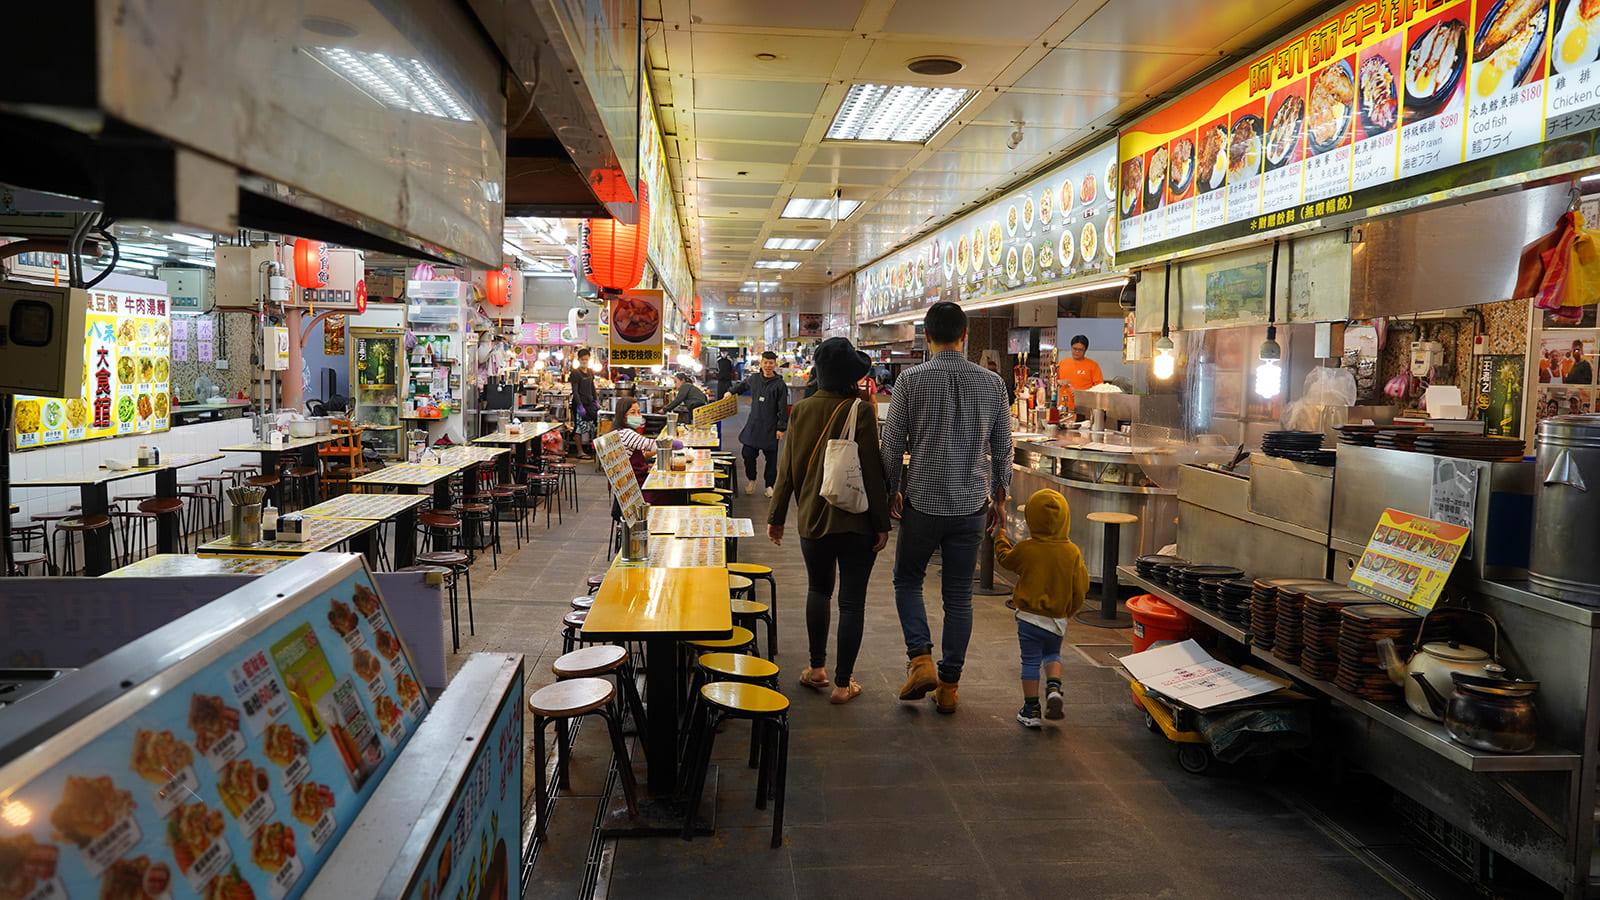 كيف غيرت جائحة كورونا من مشهد أطعمة الشوارع في آسيا؟